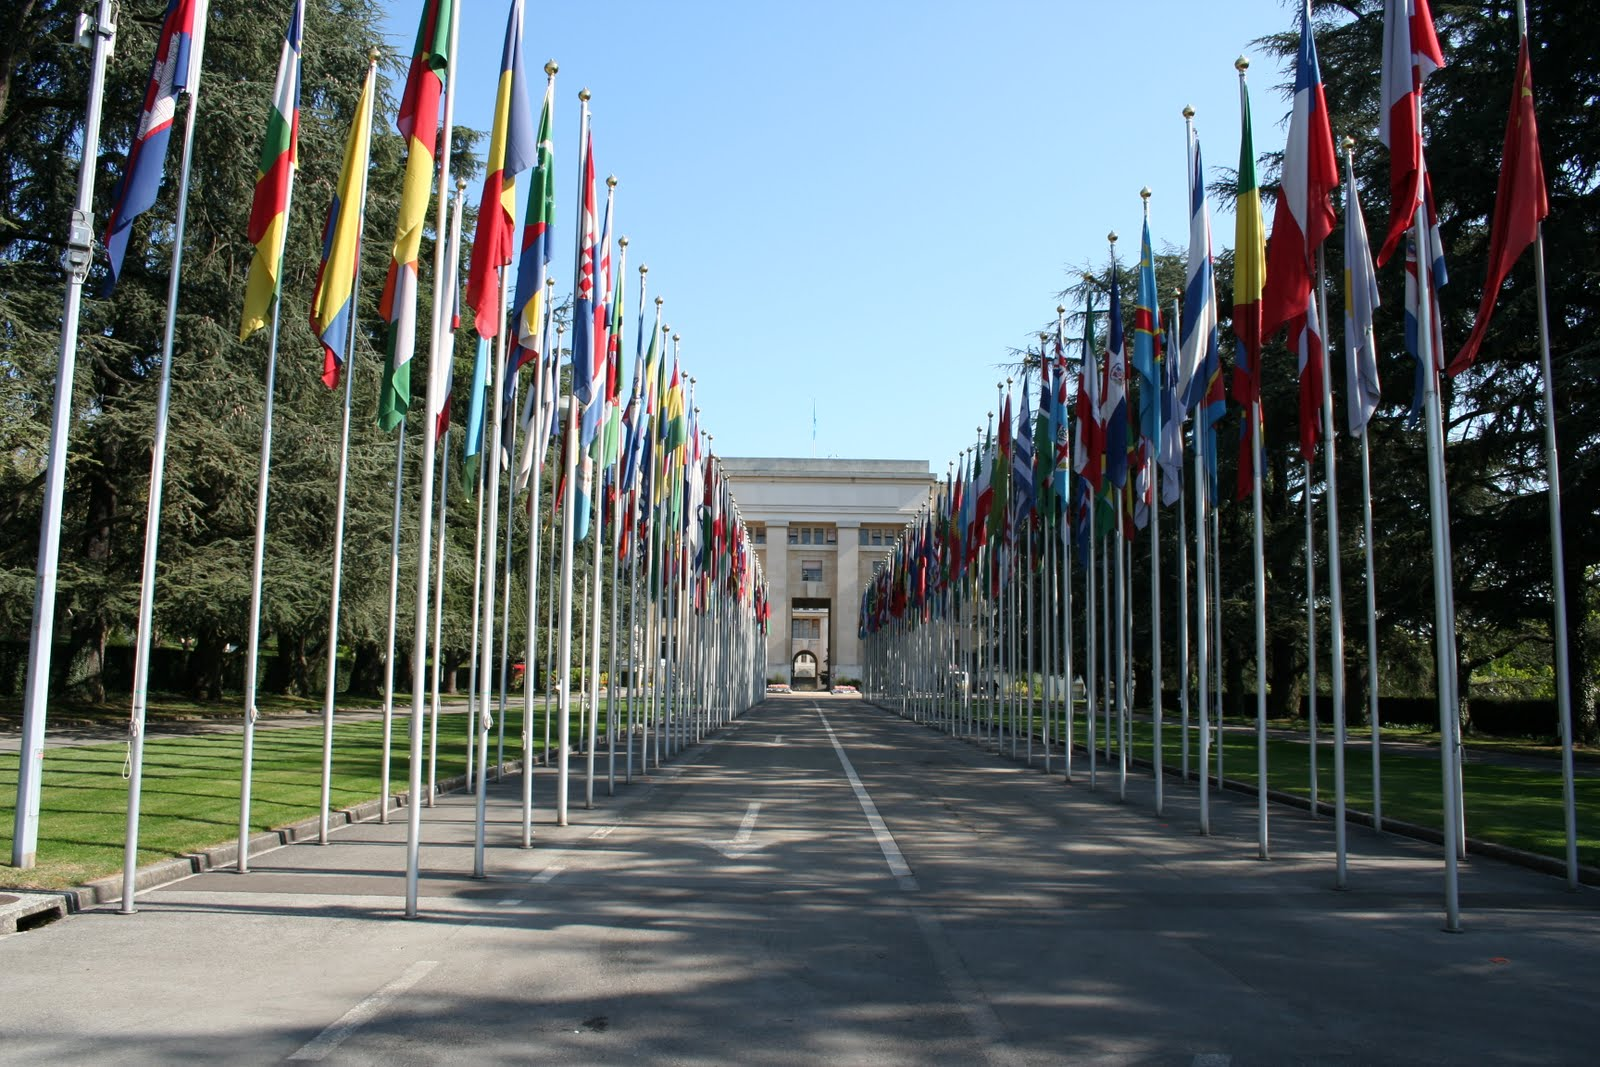 Geneva, Capitala Păcii şi a diplomaţiei